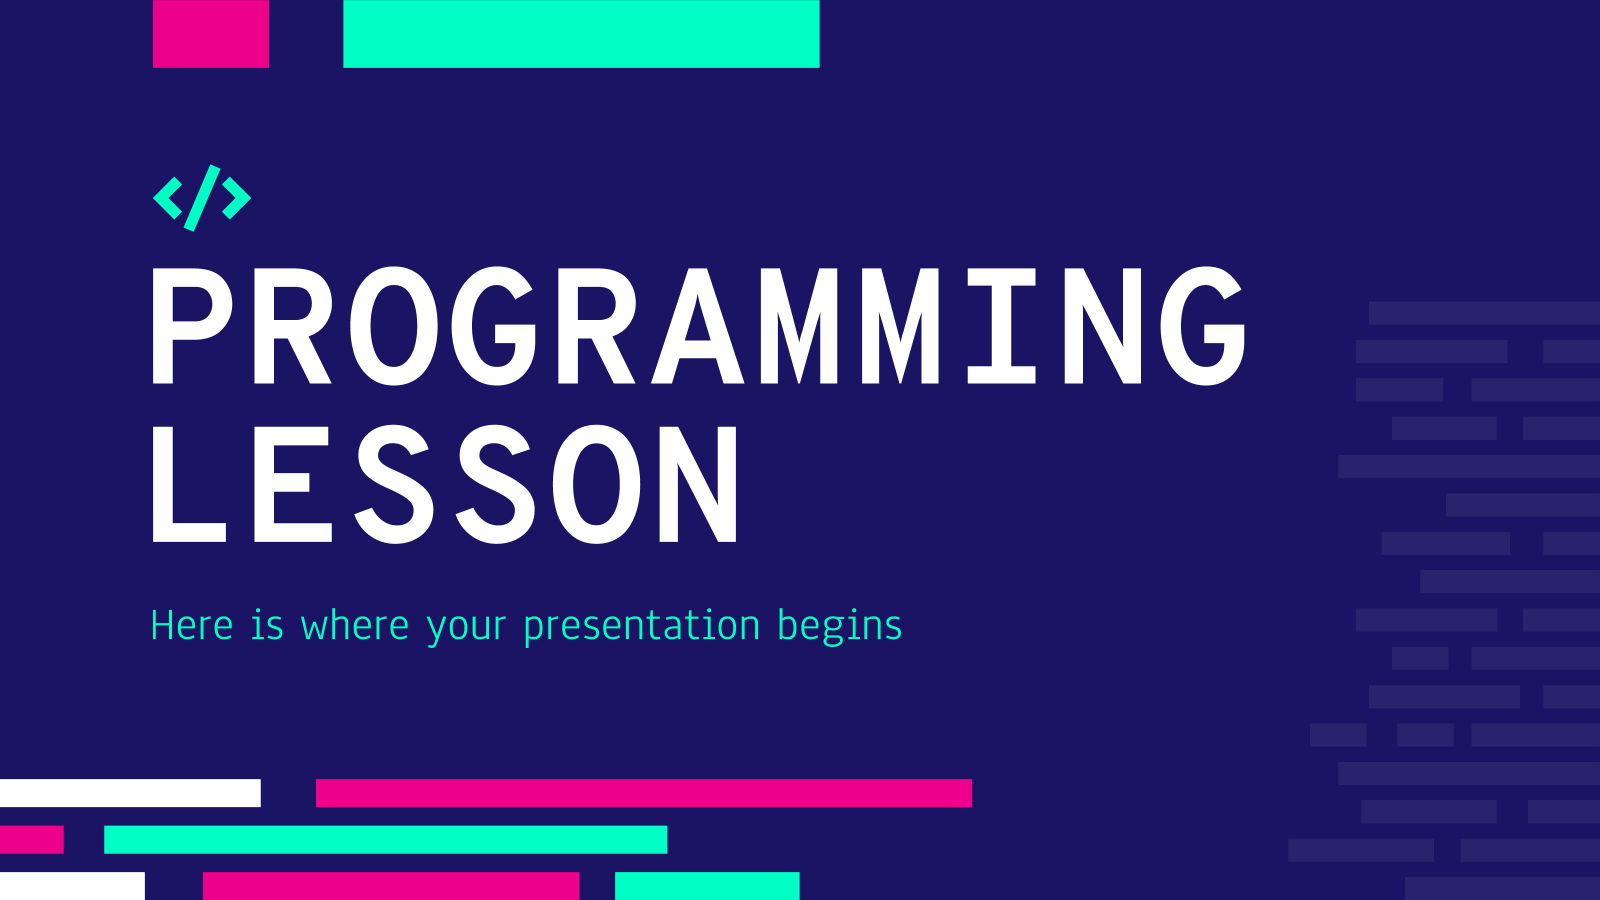 Modelo de apresentação Aula de programação